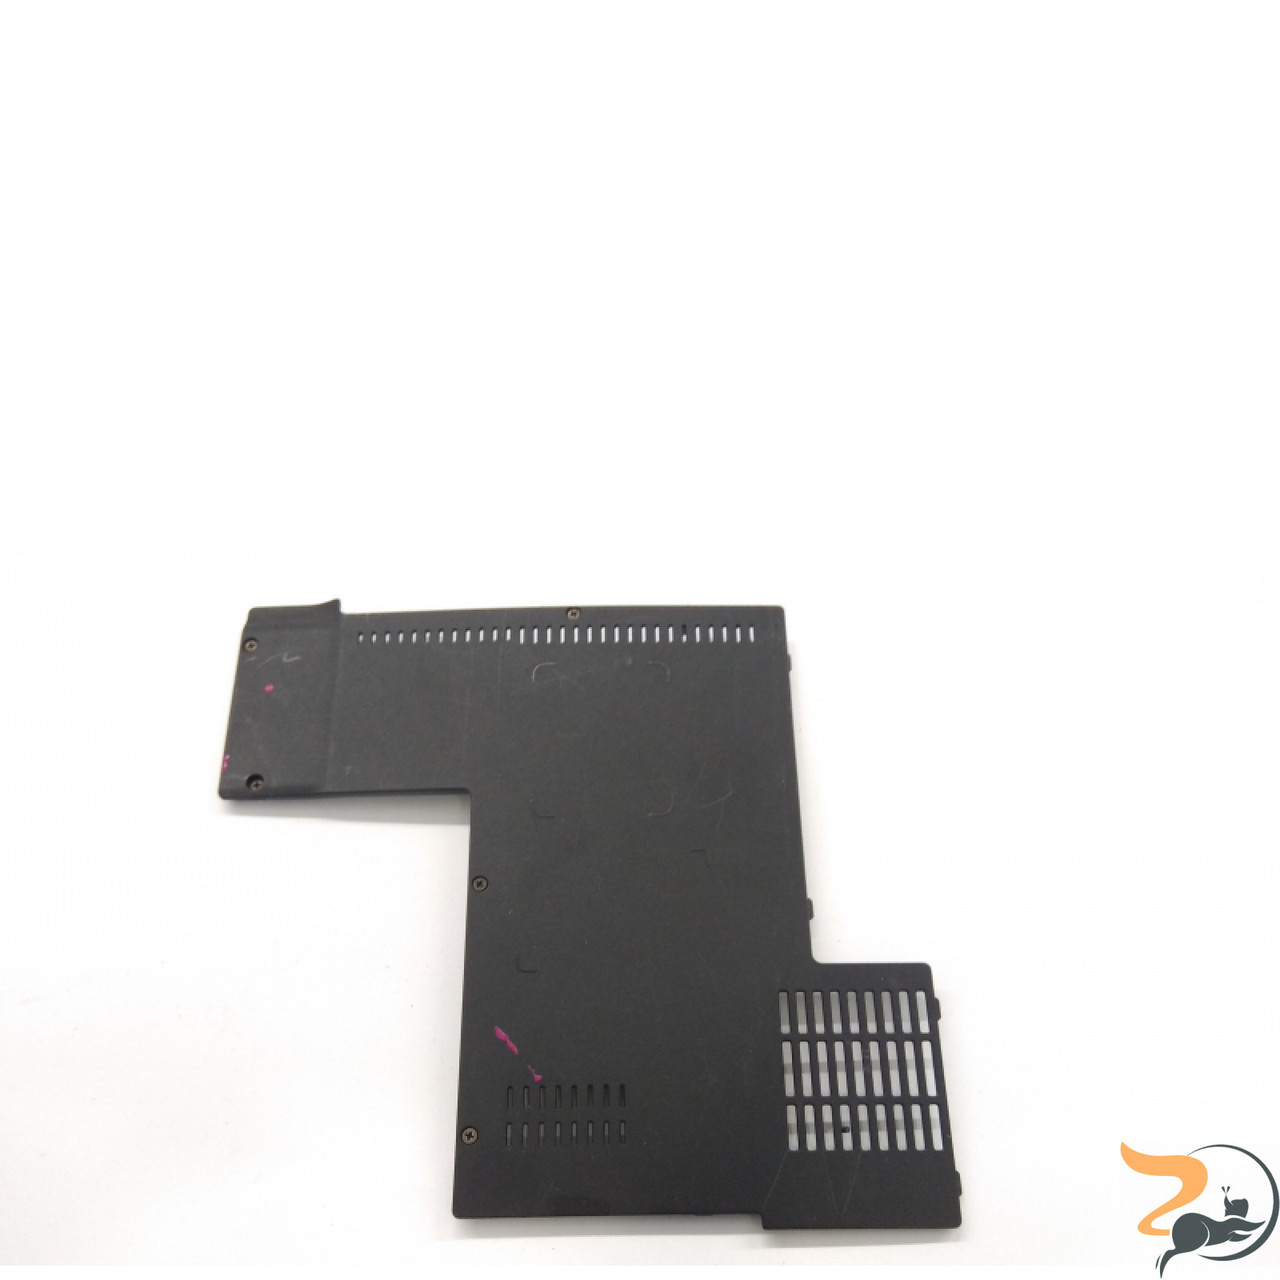 Сервісна кришка для ноутбука Benq Joybook R55V, 3BTW3TDBQ04, Б/В. В хорошому стані, без пошкоджень. Є подряпини та потертості.